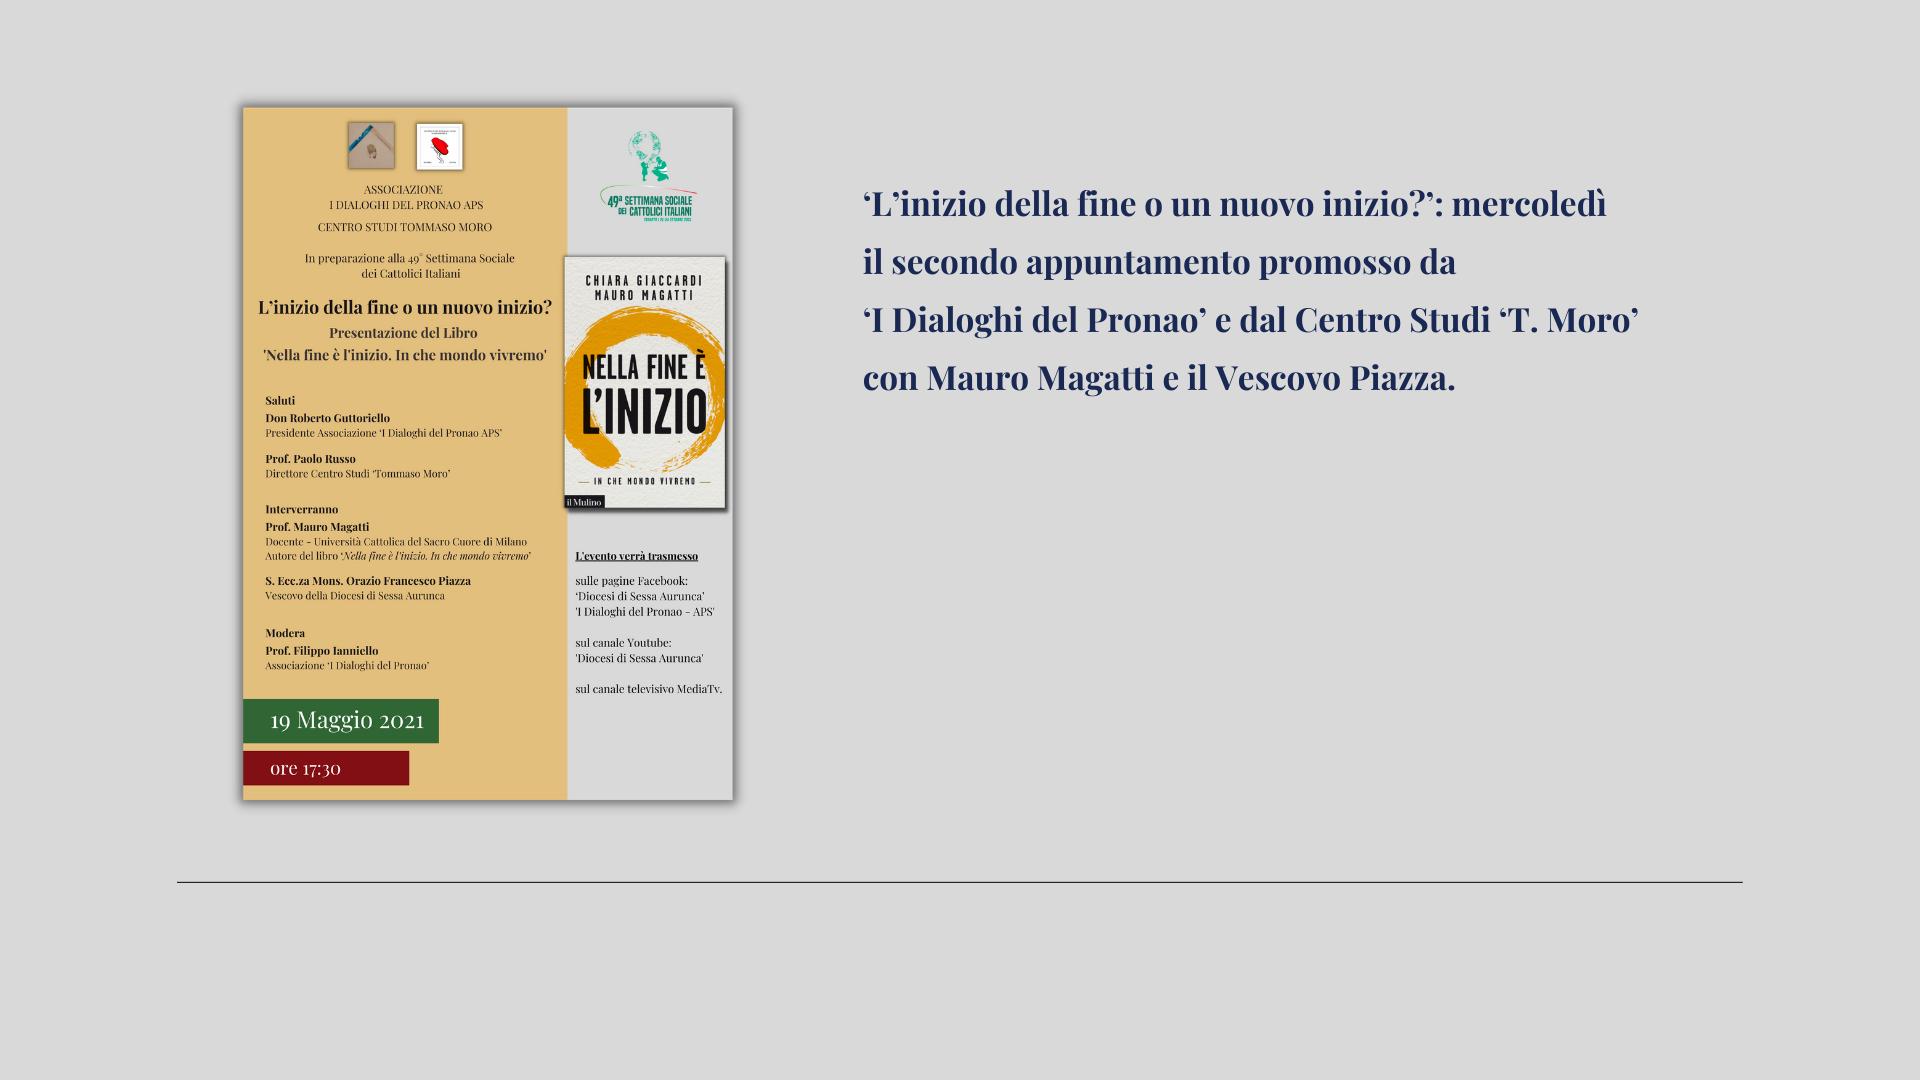 'L'inizio della fine o un nuovo inizio?': oggi il secondo appuntamento con Mauro Magatti e il Vescovo Piazza promosso da 'I Dialoghi del Pronao' e dal Centro Studi 'T. Moro'